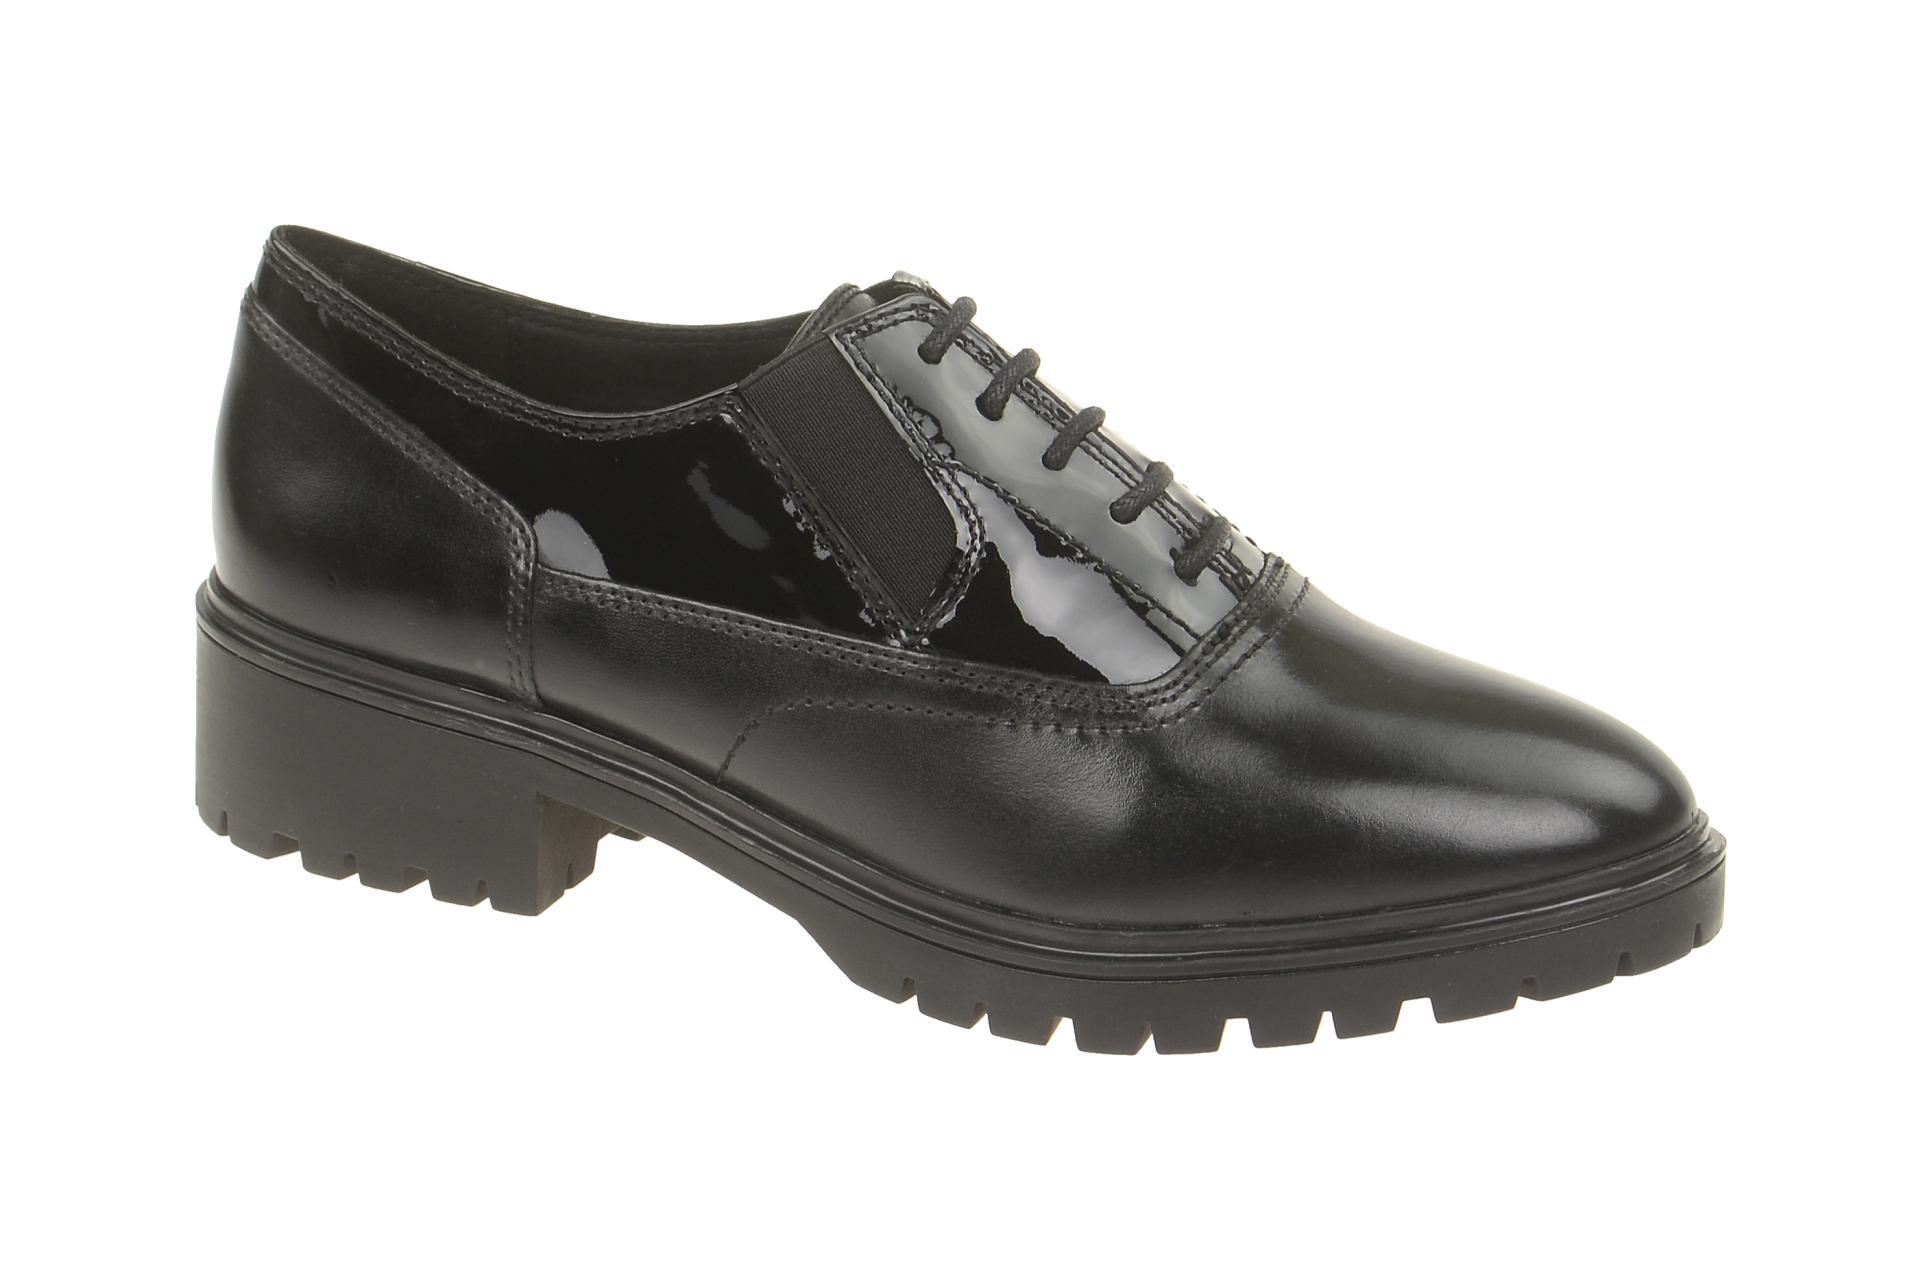 Schuhe Neu Zu Schwarz Damenschuhe D640gh Peaceful Details 0ev43 C9999 Geox nm8wNOv0